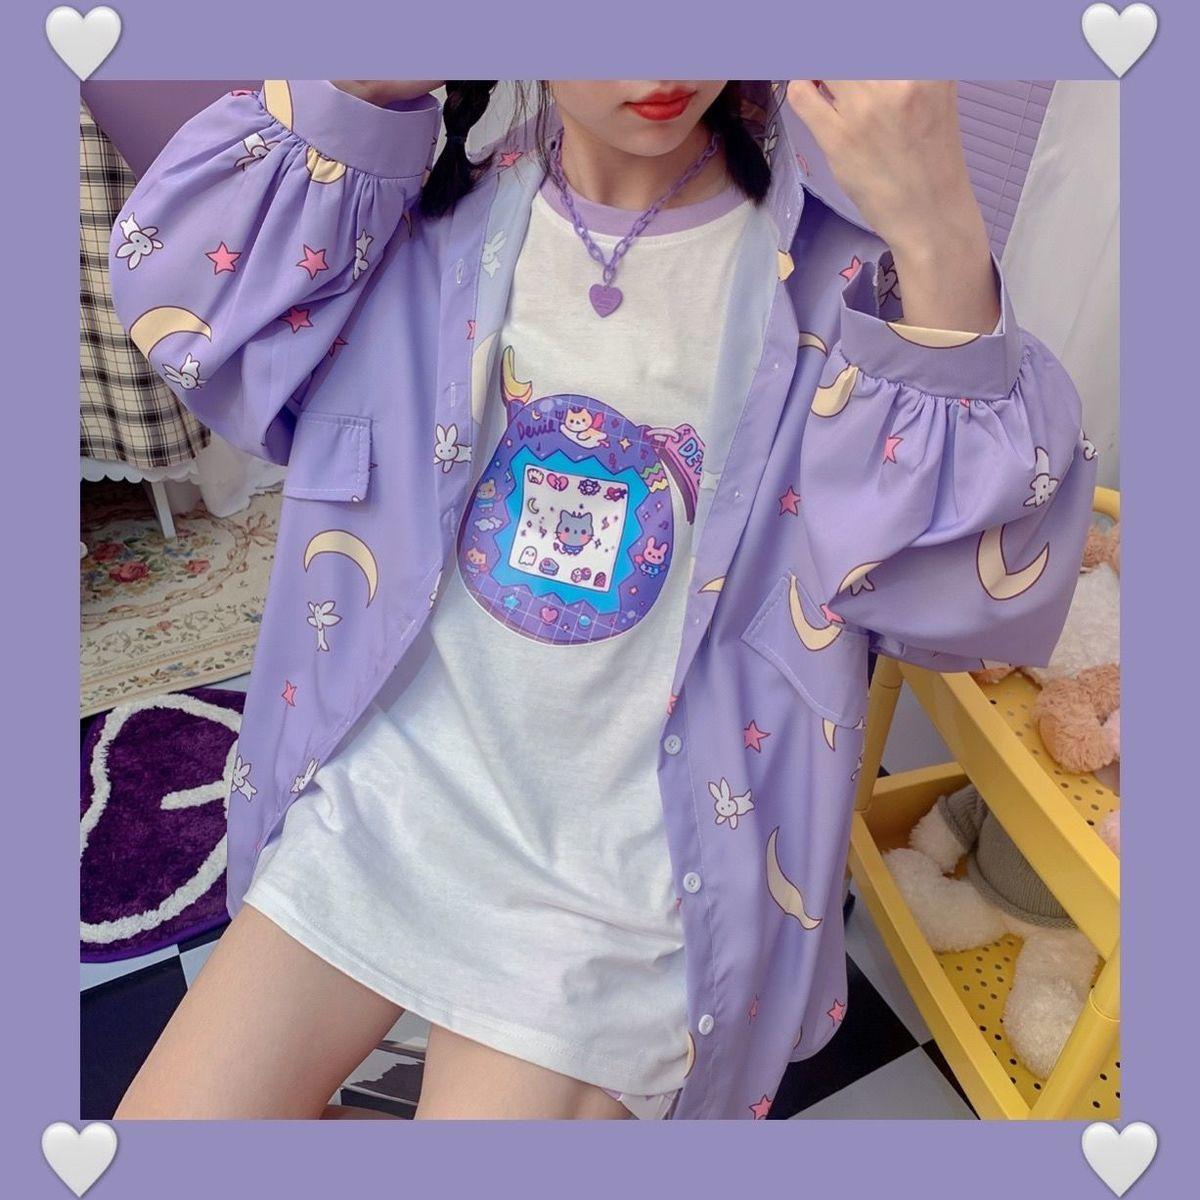 Harajuku Soft Girl Oversized T-shirt 42